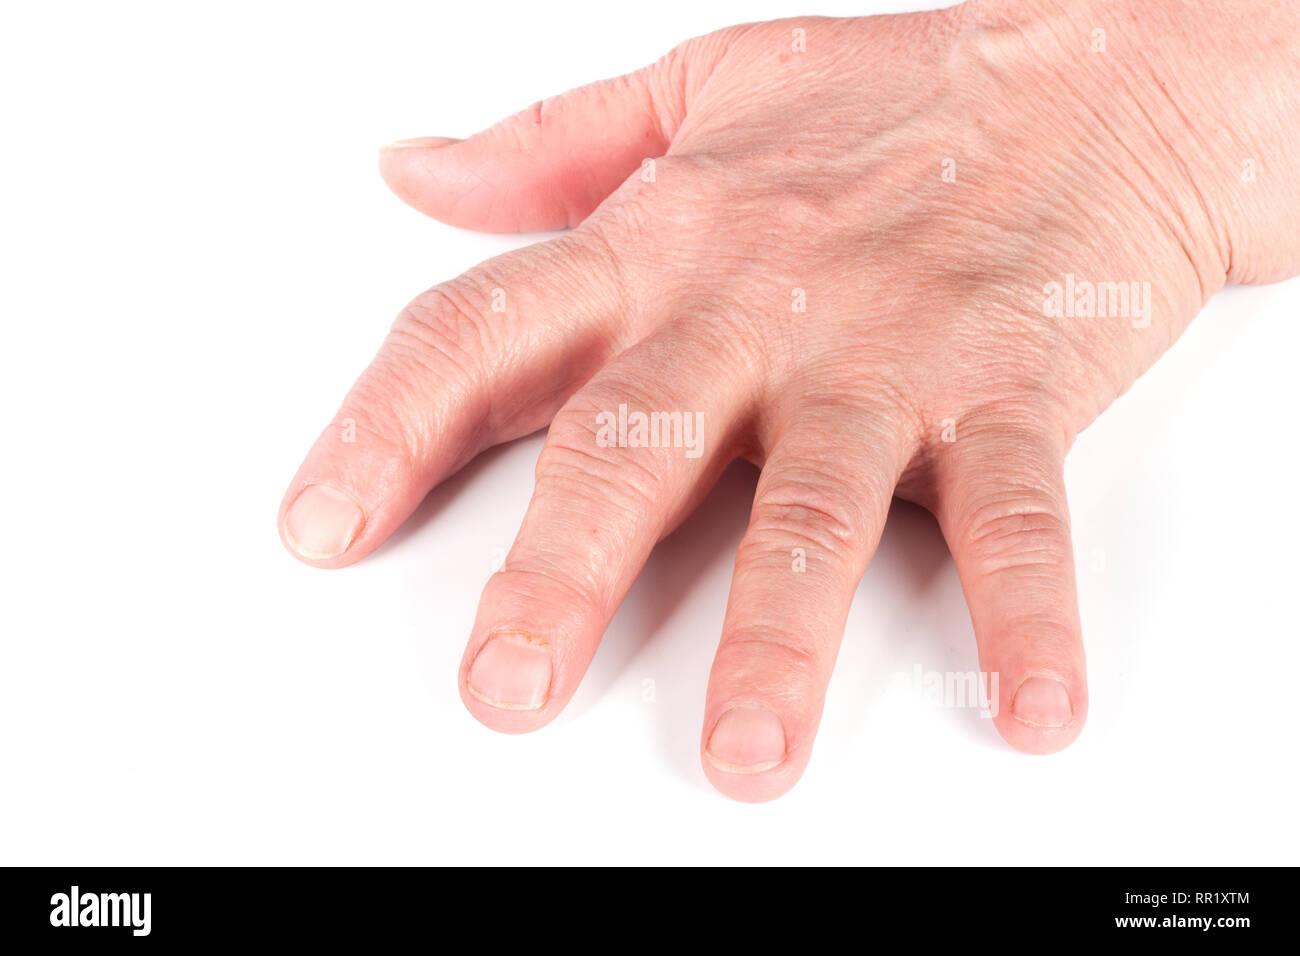 Rheumatoid polyarthritis of hands isolated on white background - Stock Image